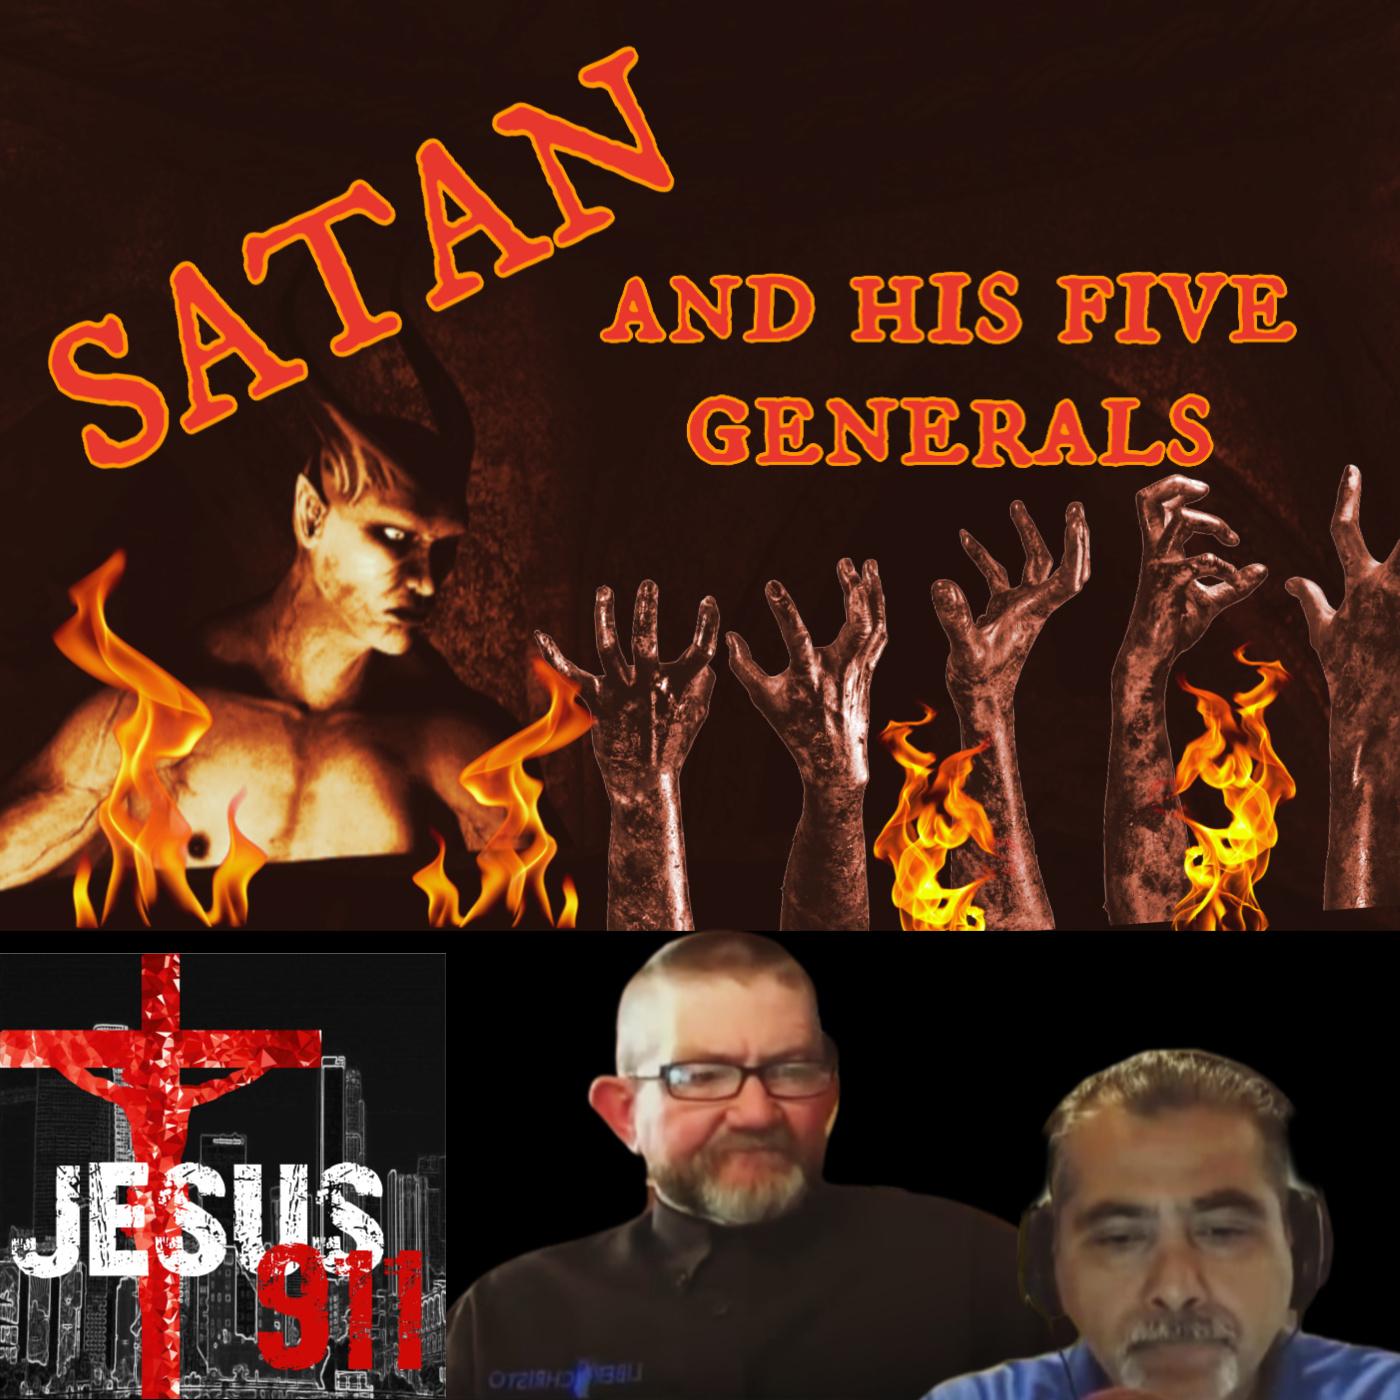 22 Jun 2020 – Satan and his Five Generals